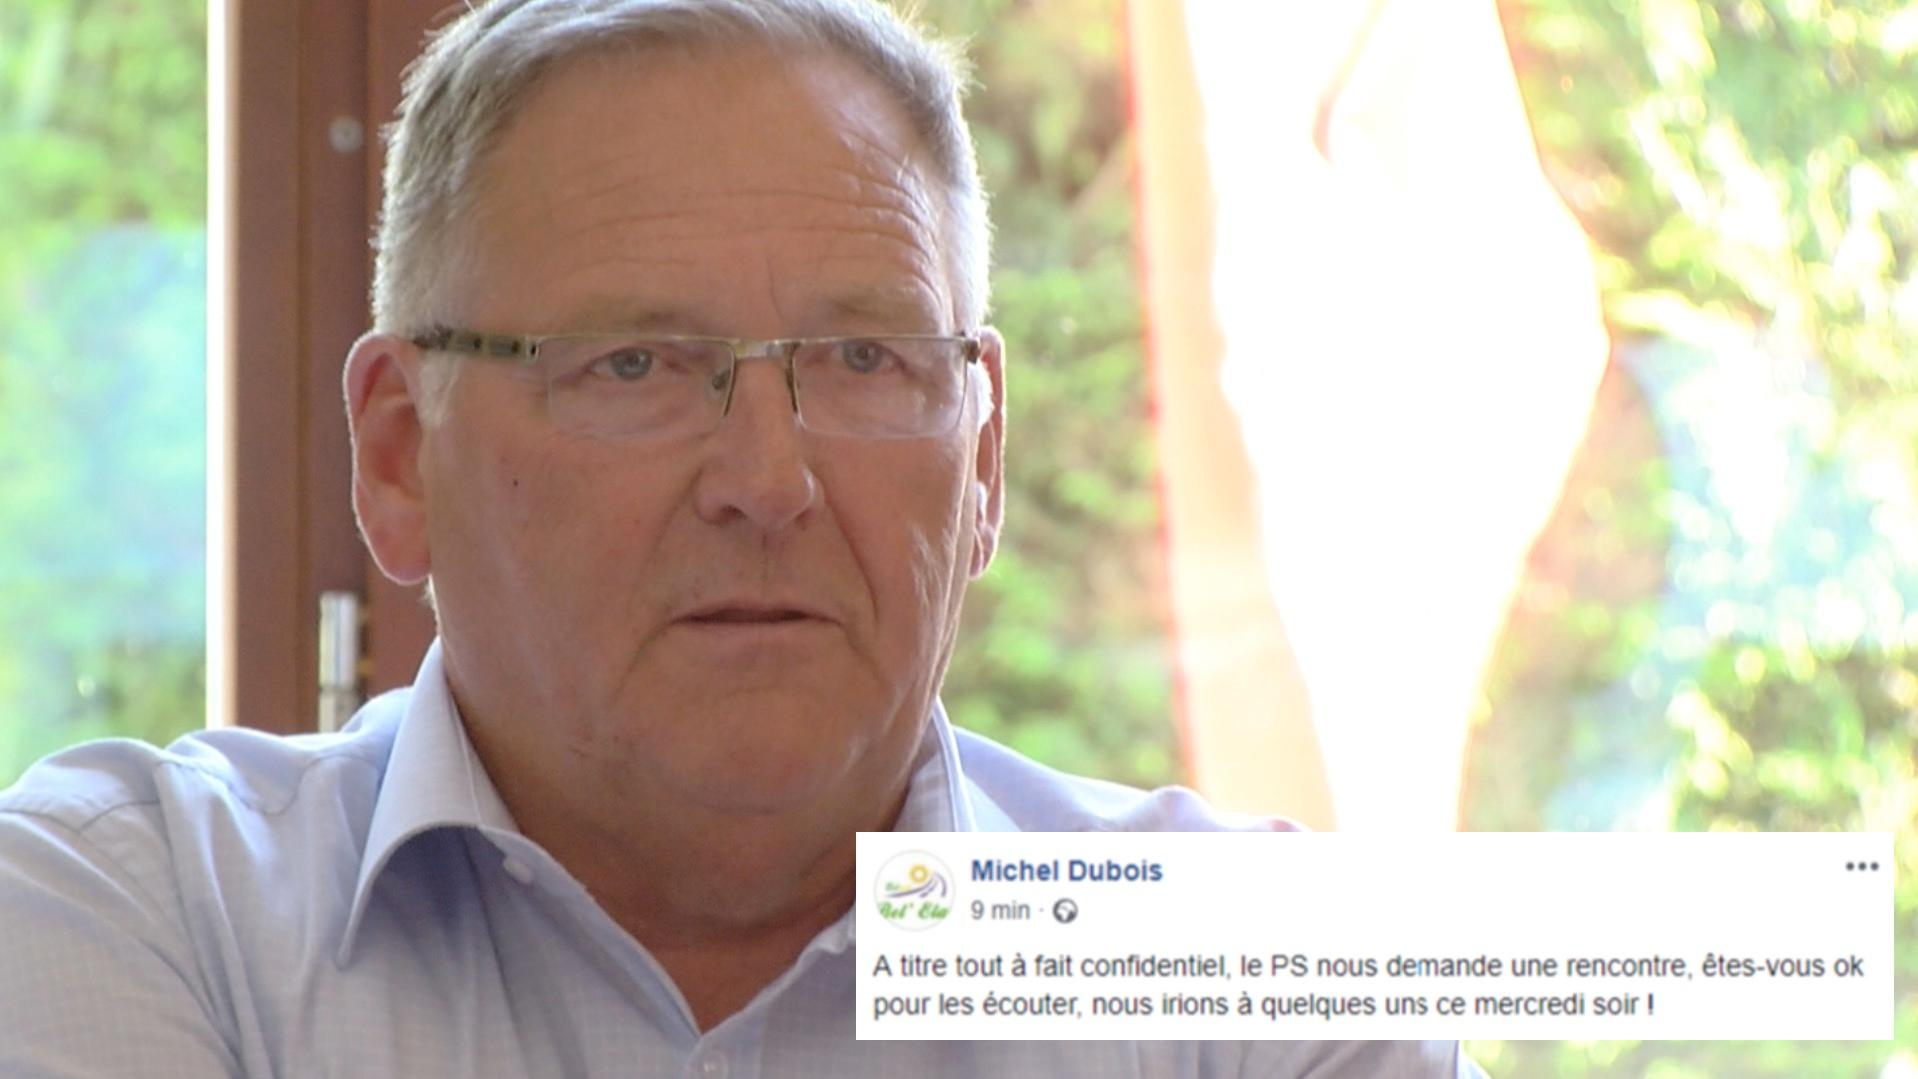 Un post de Michel Dubois sur un rapprochement avec le PS sème le trouble